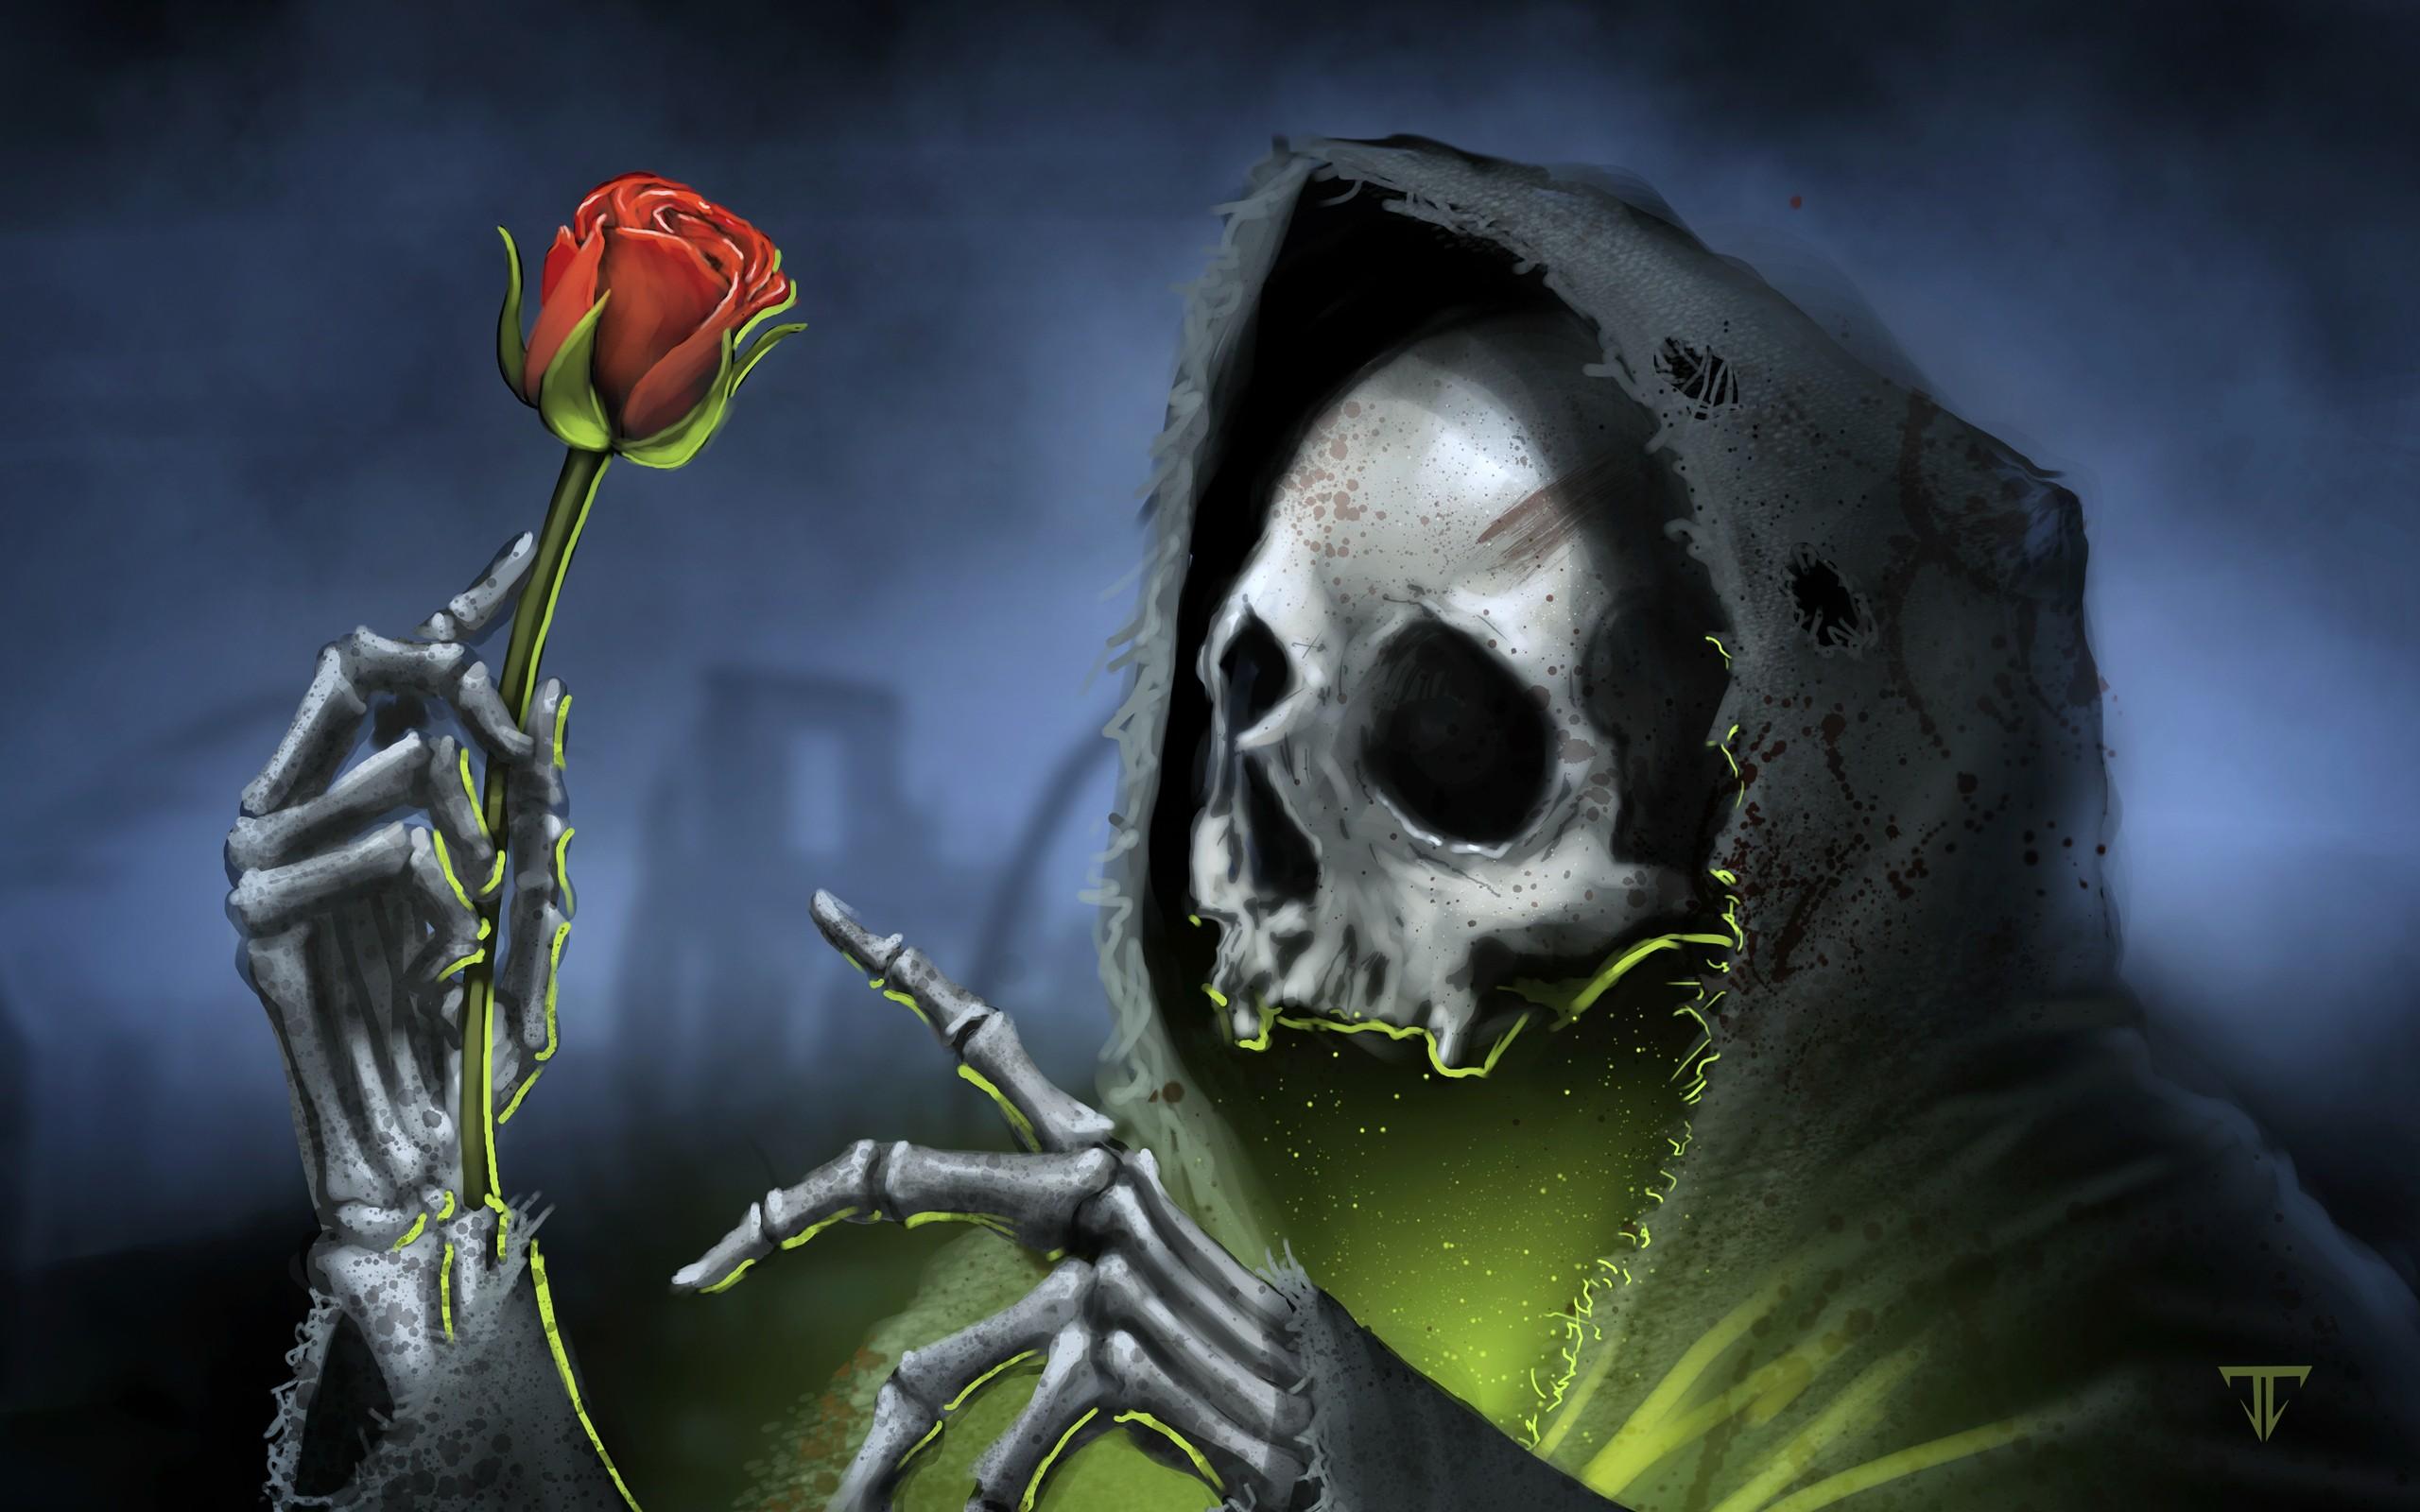 Wallpaper 2560x1600 Px Dark Death Gothic Grim Reaper